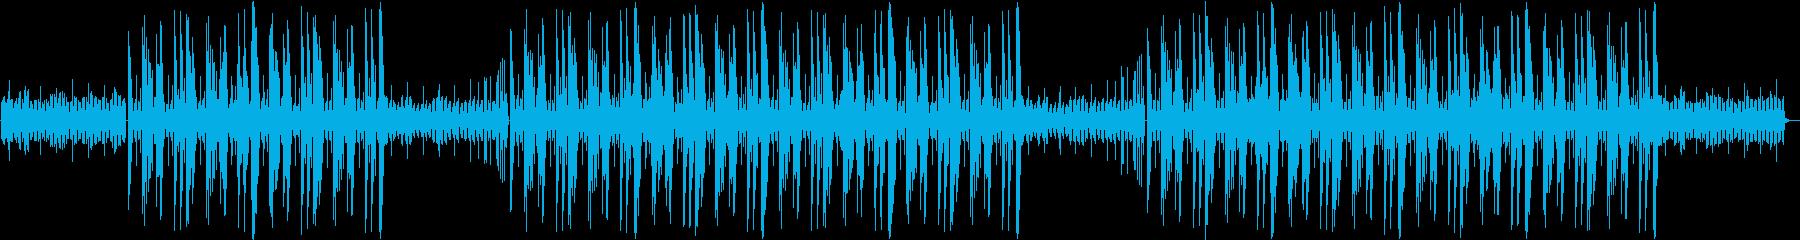 R&B・ムーディー・夜・カクテル・交際の再生済みの波形